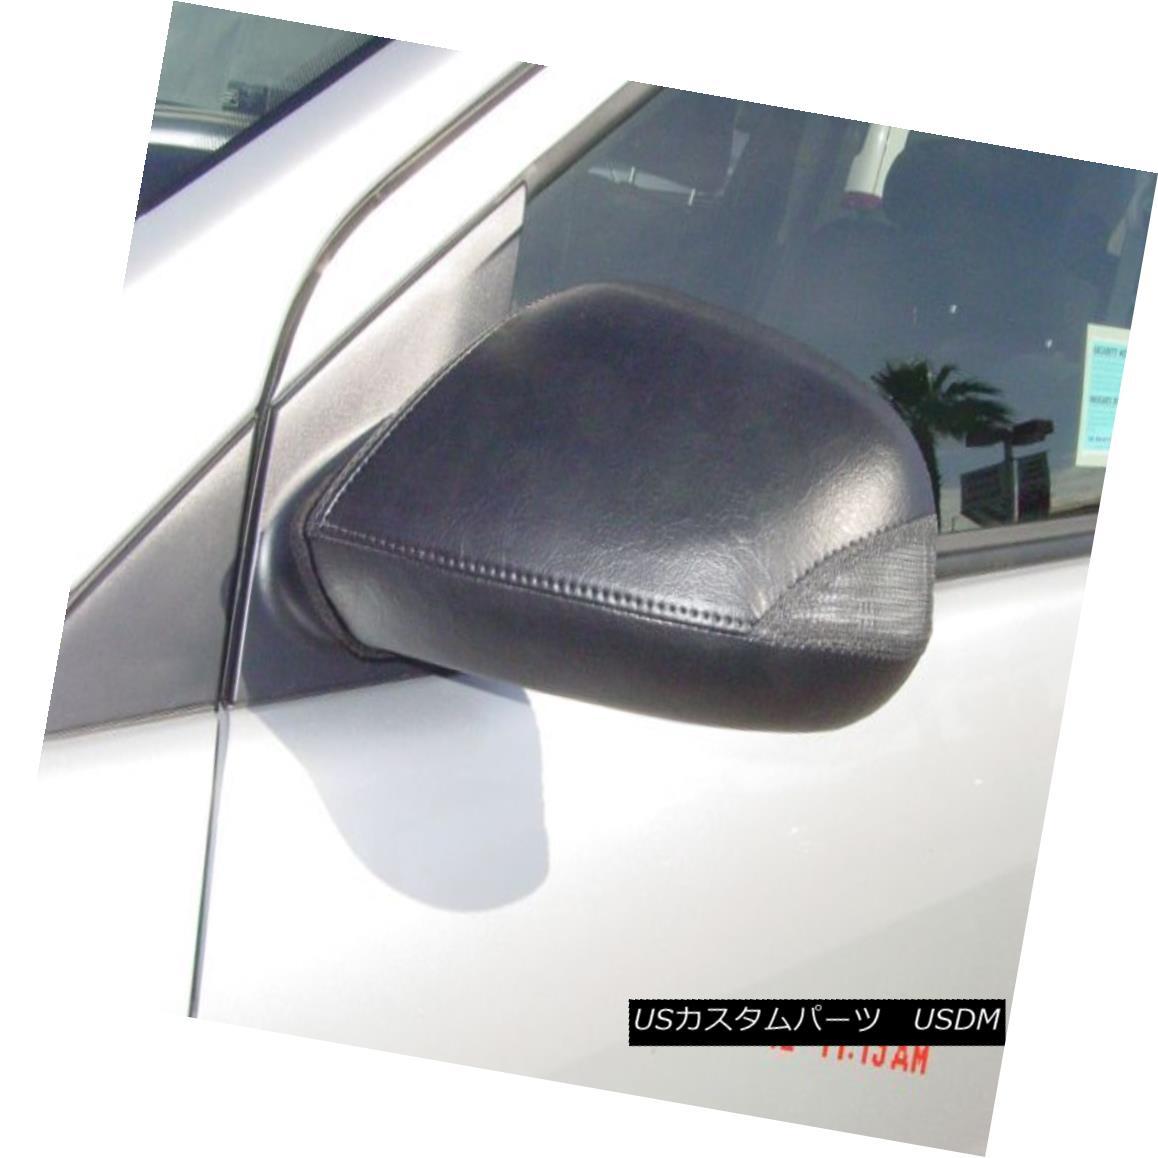 フルブラ ノーズブラ Colgan Car Mirror Covers Bra Protector Black Fits 2006-2007 SCION xA  コルガン車ミラーカバーブラジャープロテクターブラックフィット2006-2007 SCION xA